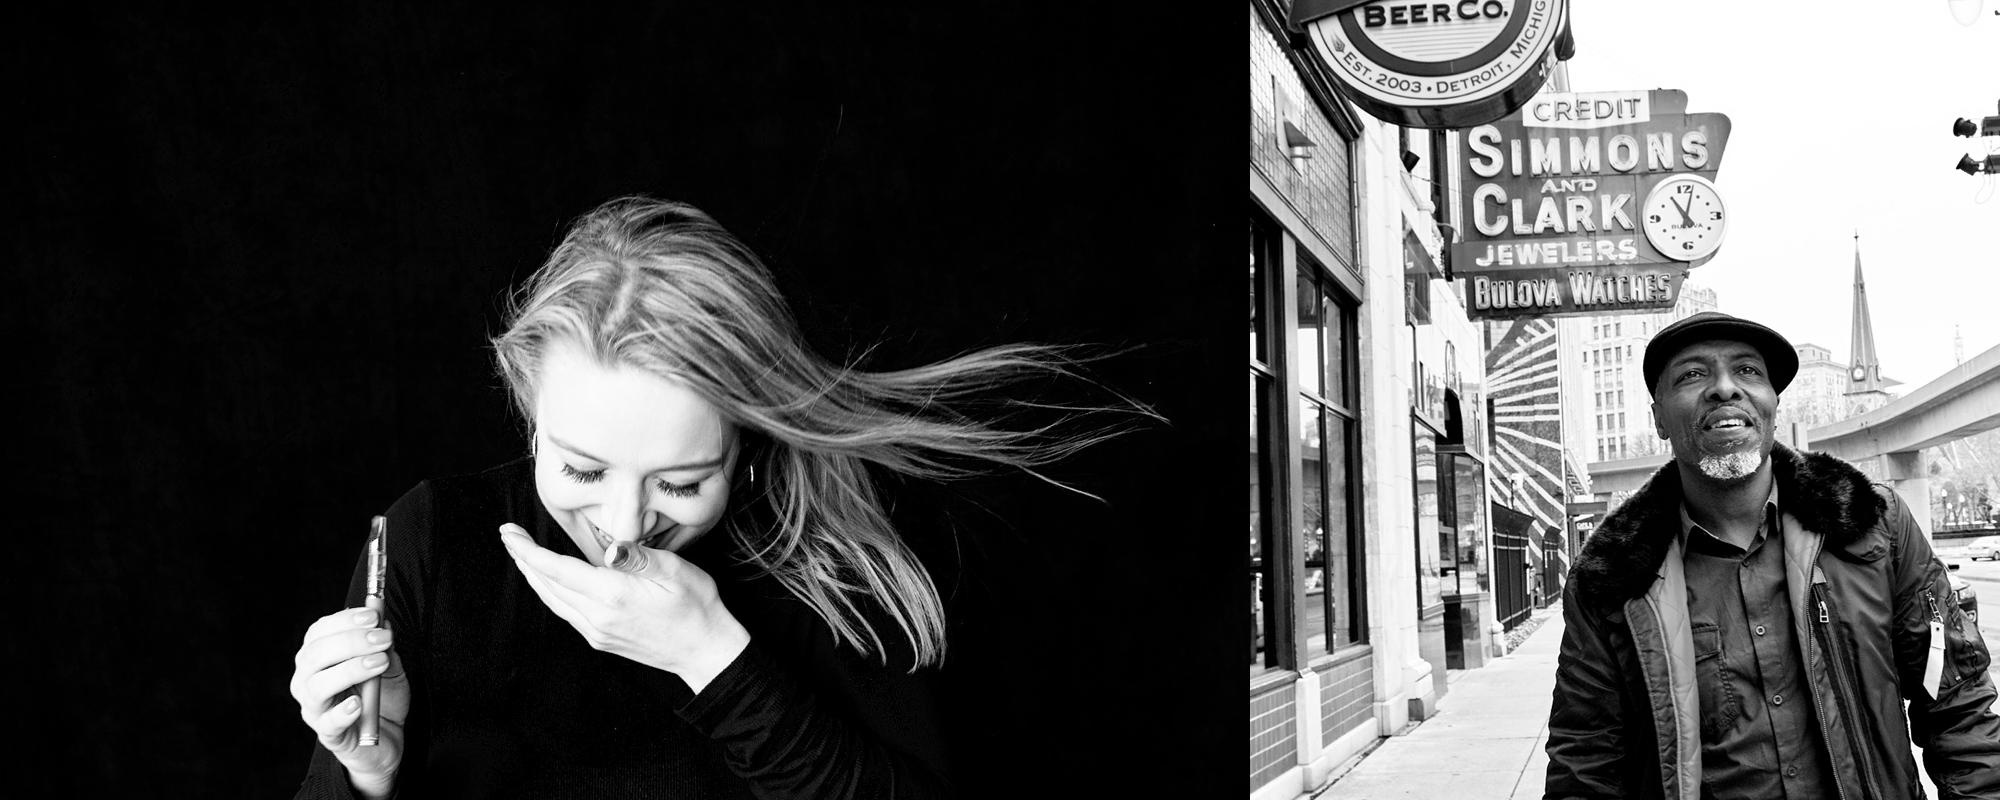 CommonCitizen-Portraits-2000px6